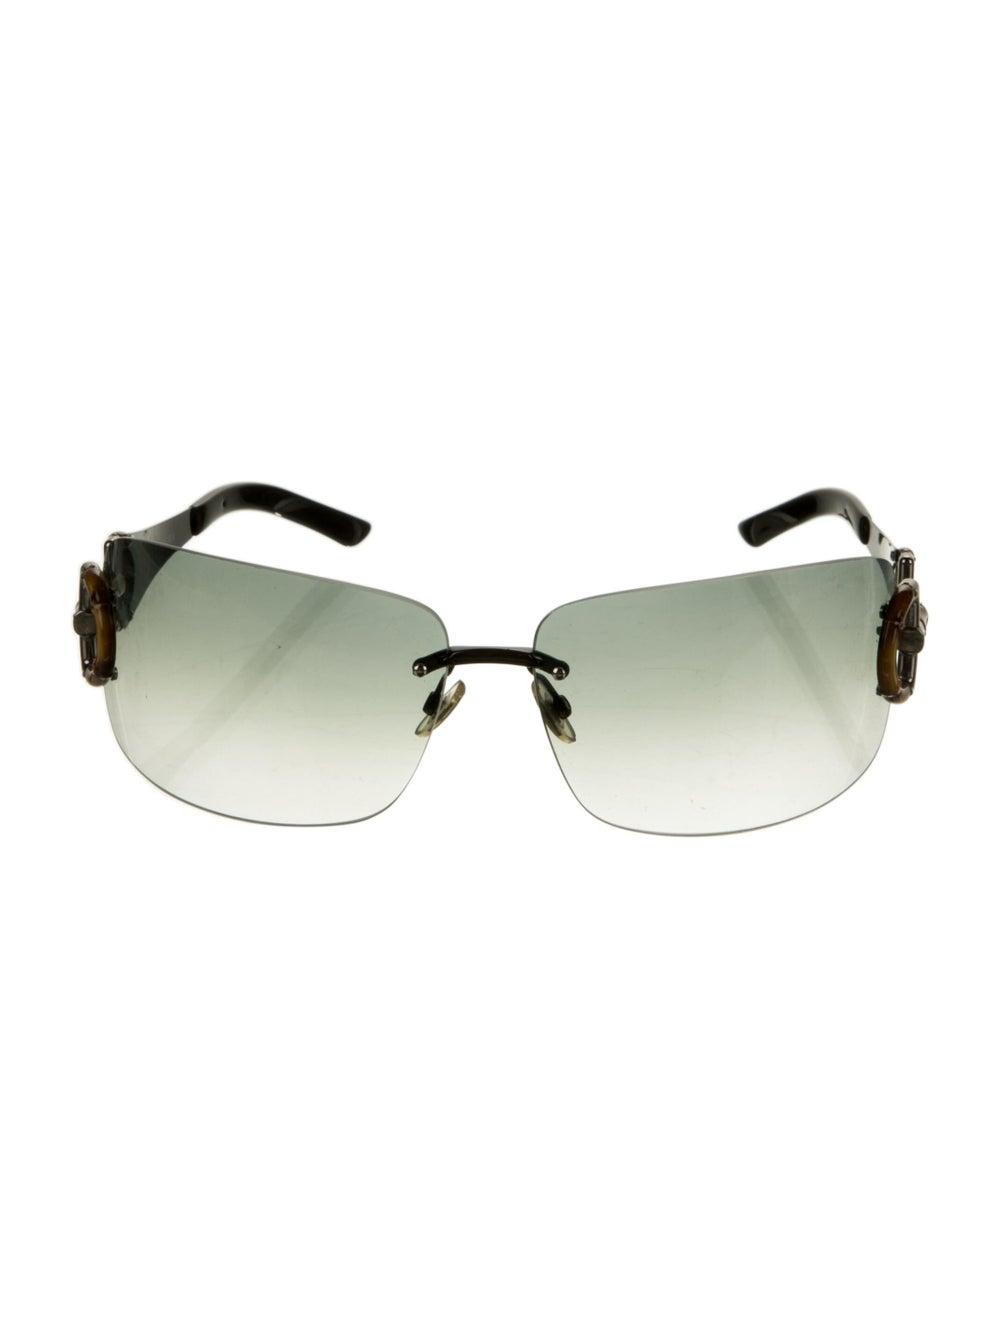 Gucci Bamboo Accent Shield Sunglasses Black - image 1